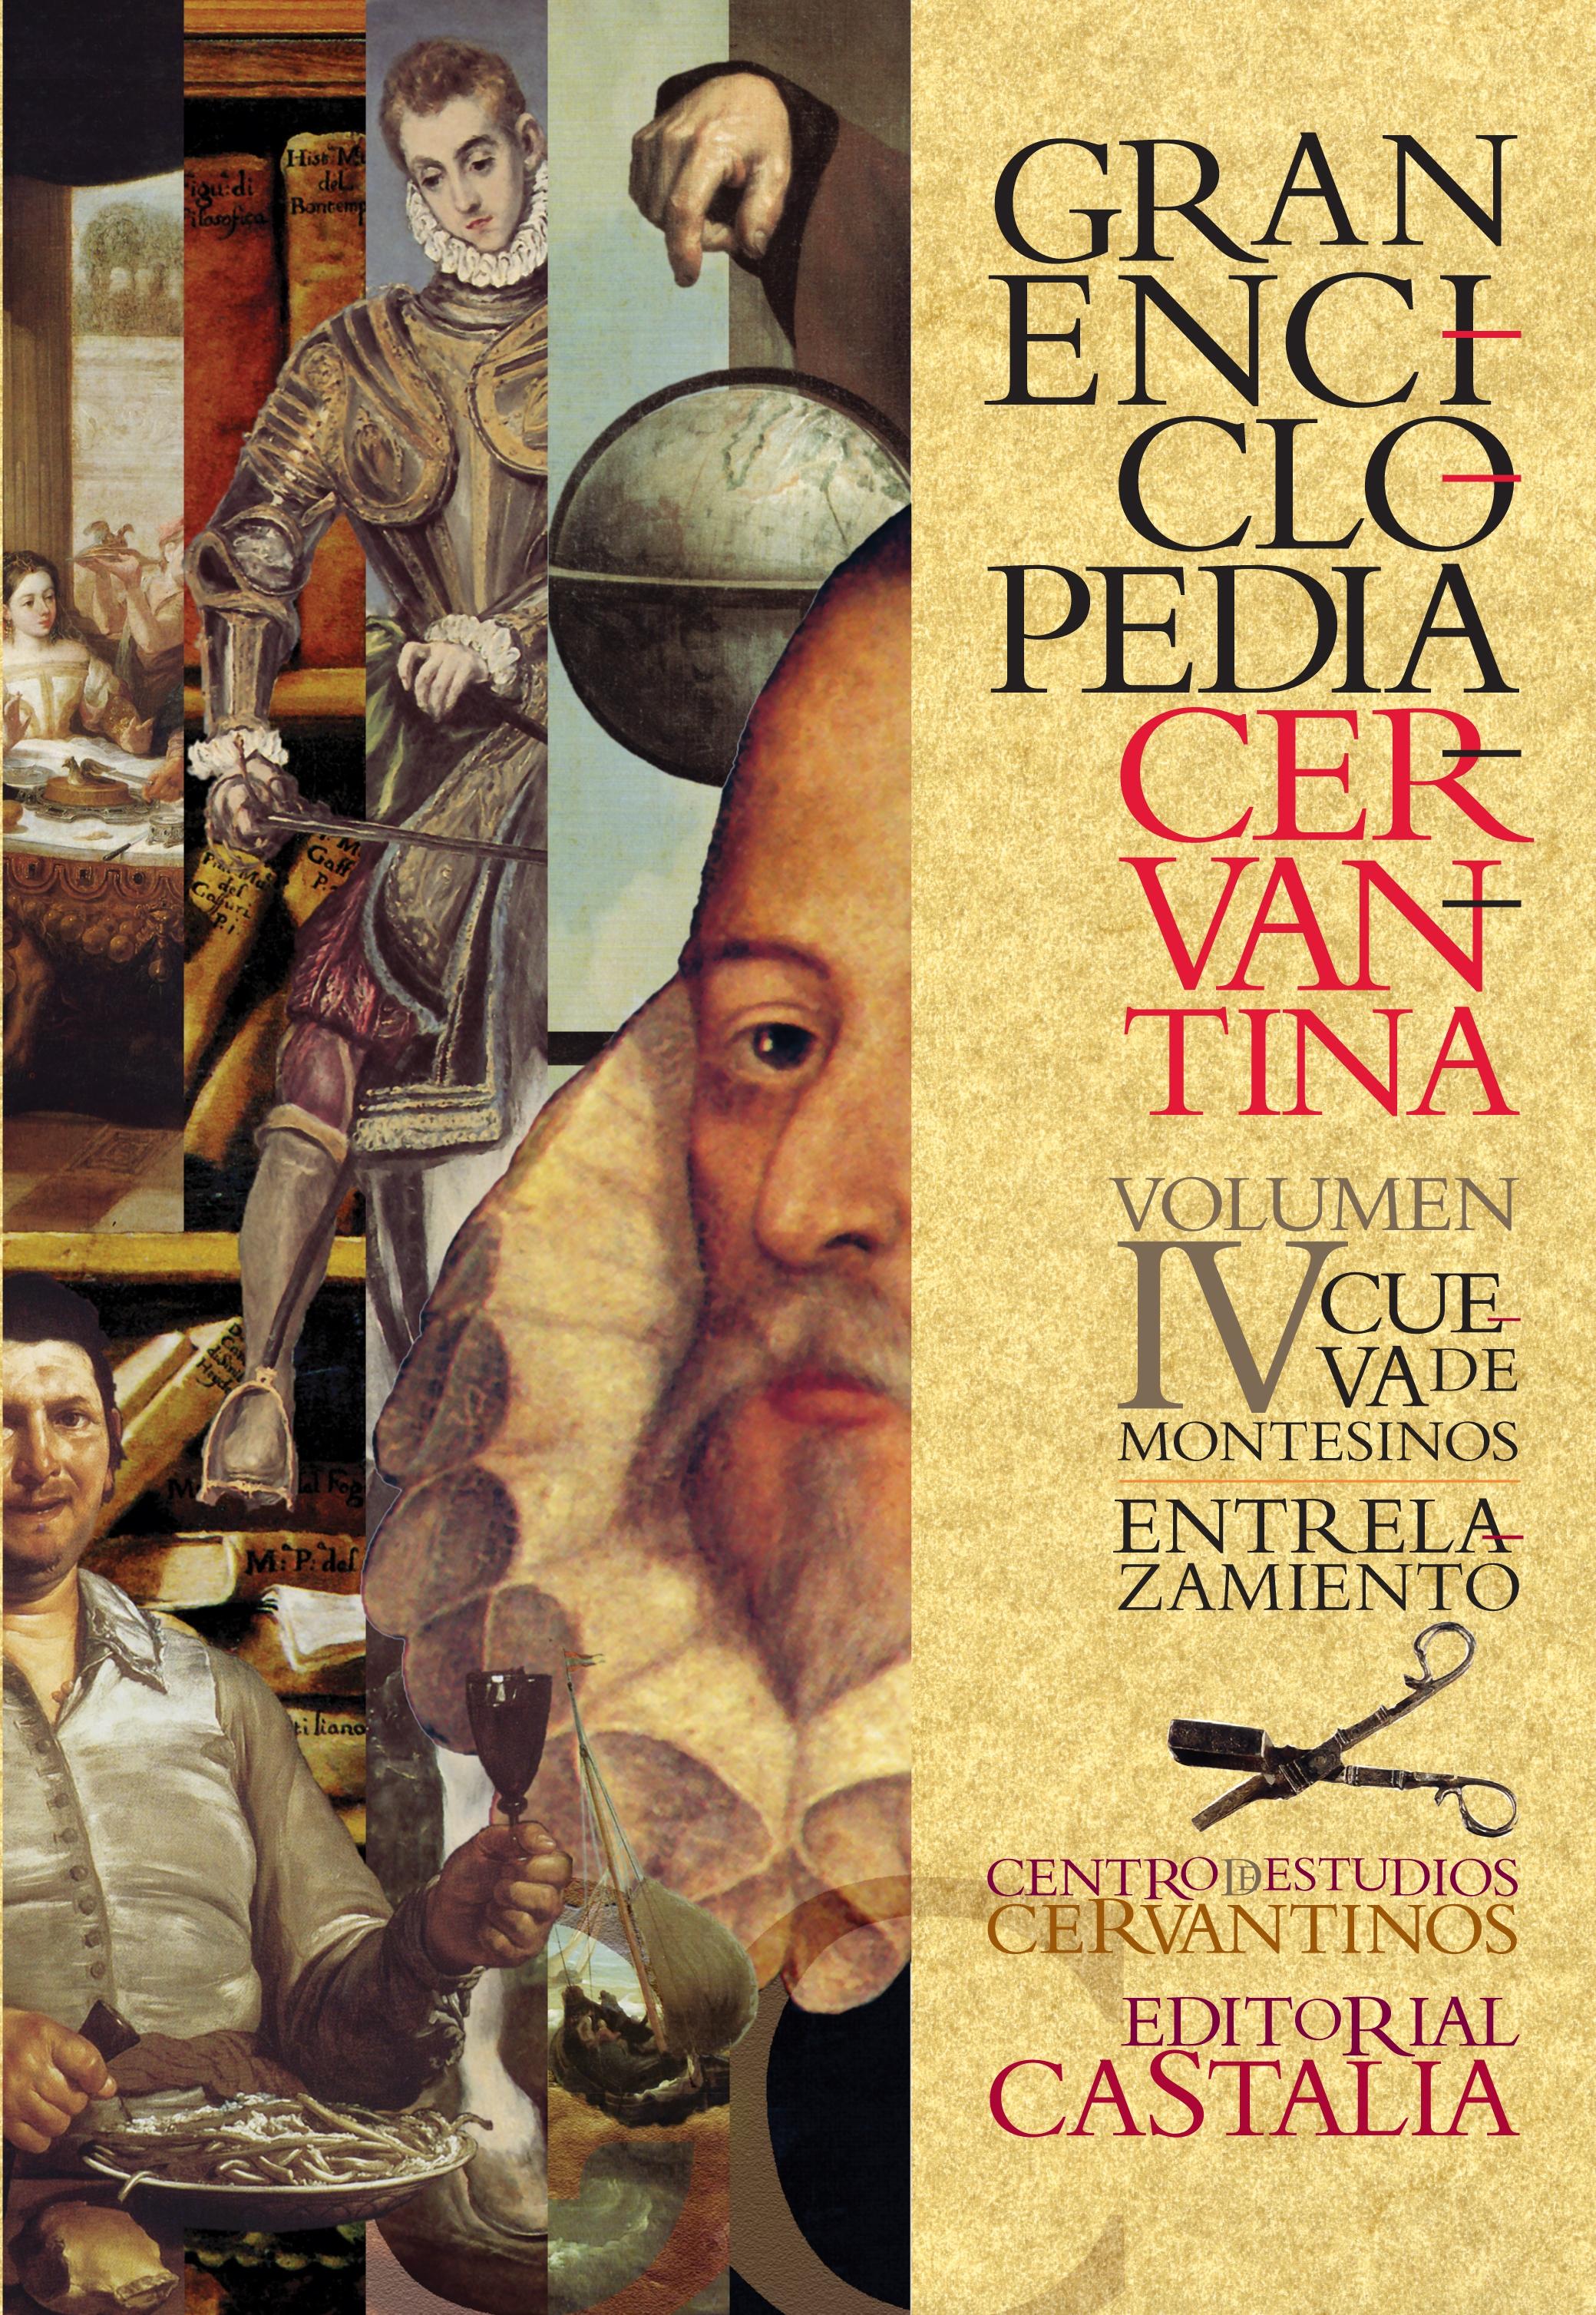 Gran Enciclopedia Cervantina. Volumen IV. Cueva de Montesinos. Entrelazamiento